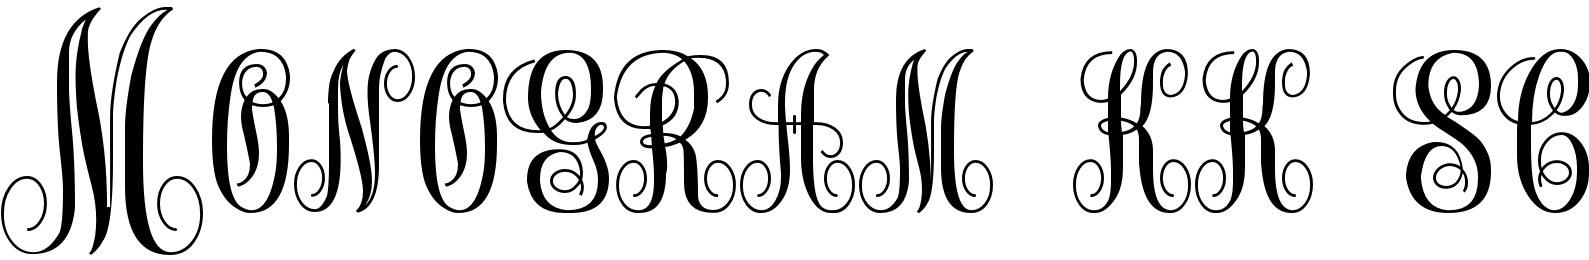 Monogram kk sc